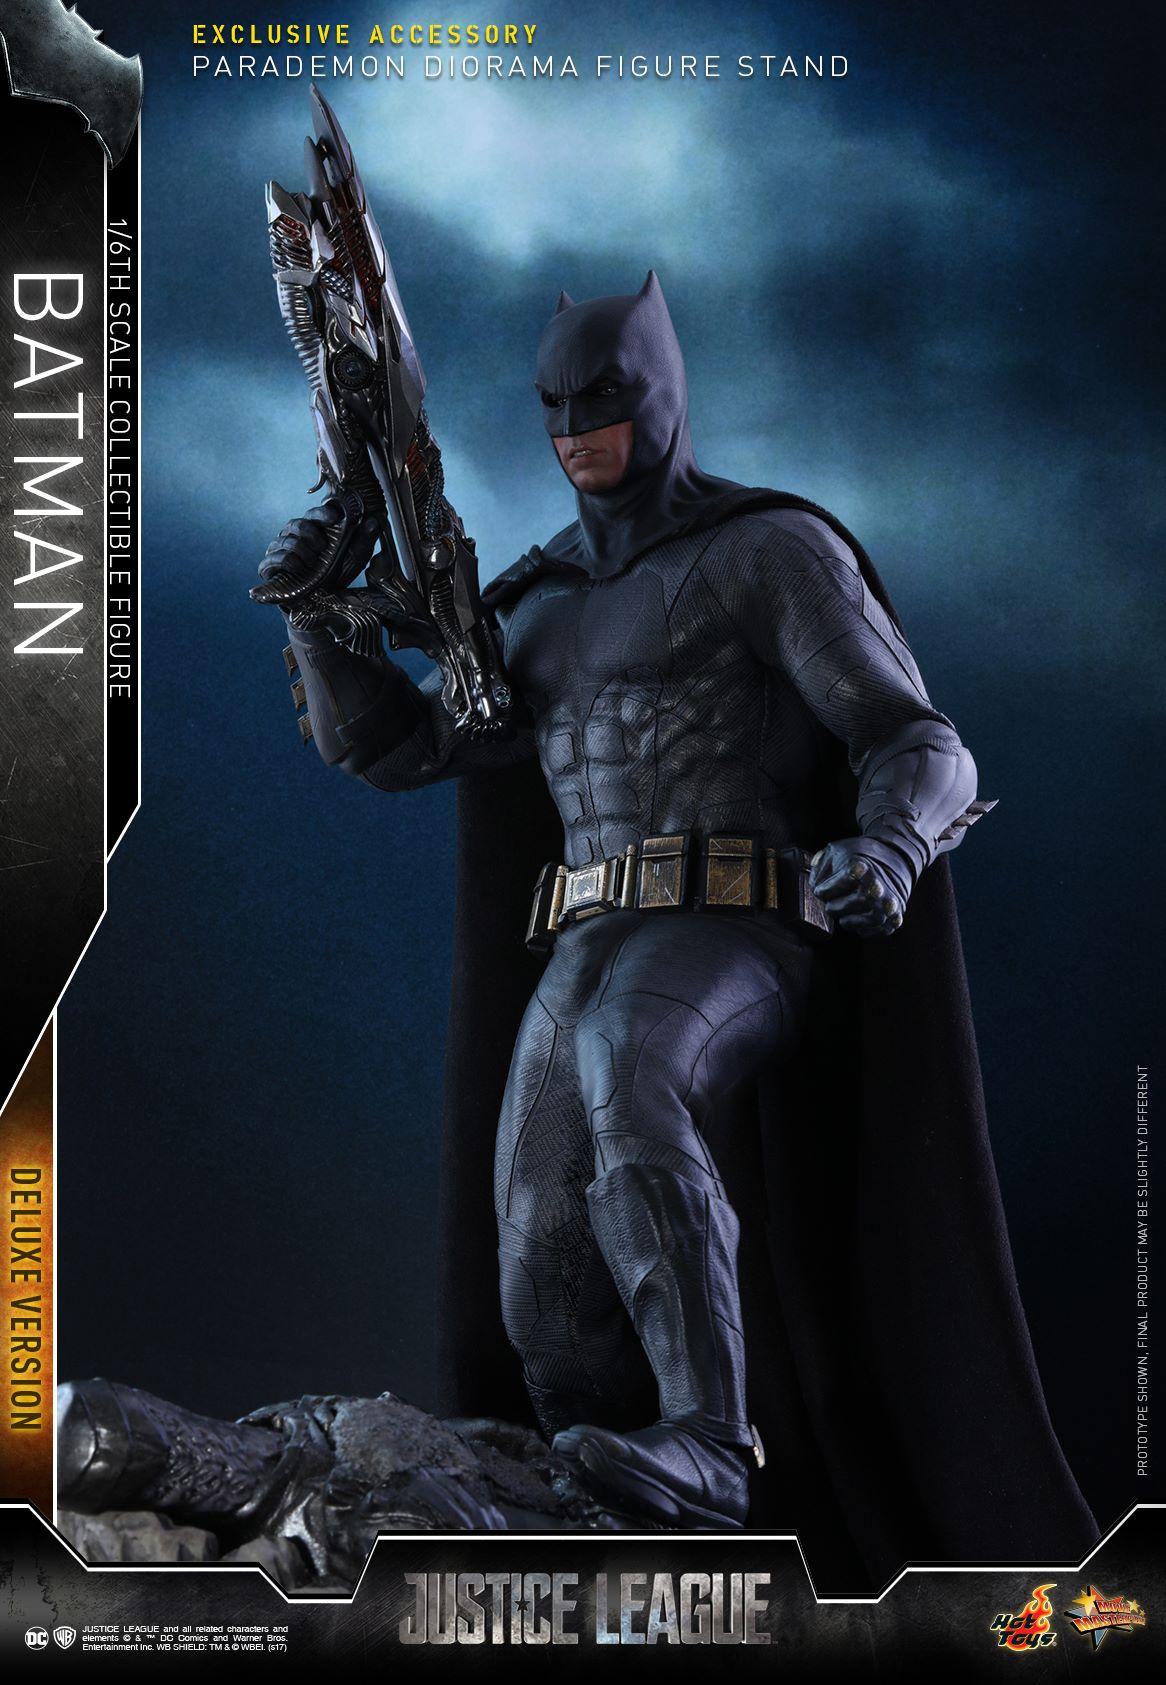 Hot-Toys-Deluxe-Batman-Justice-League-002